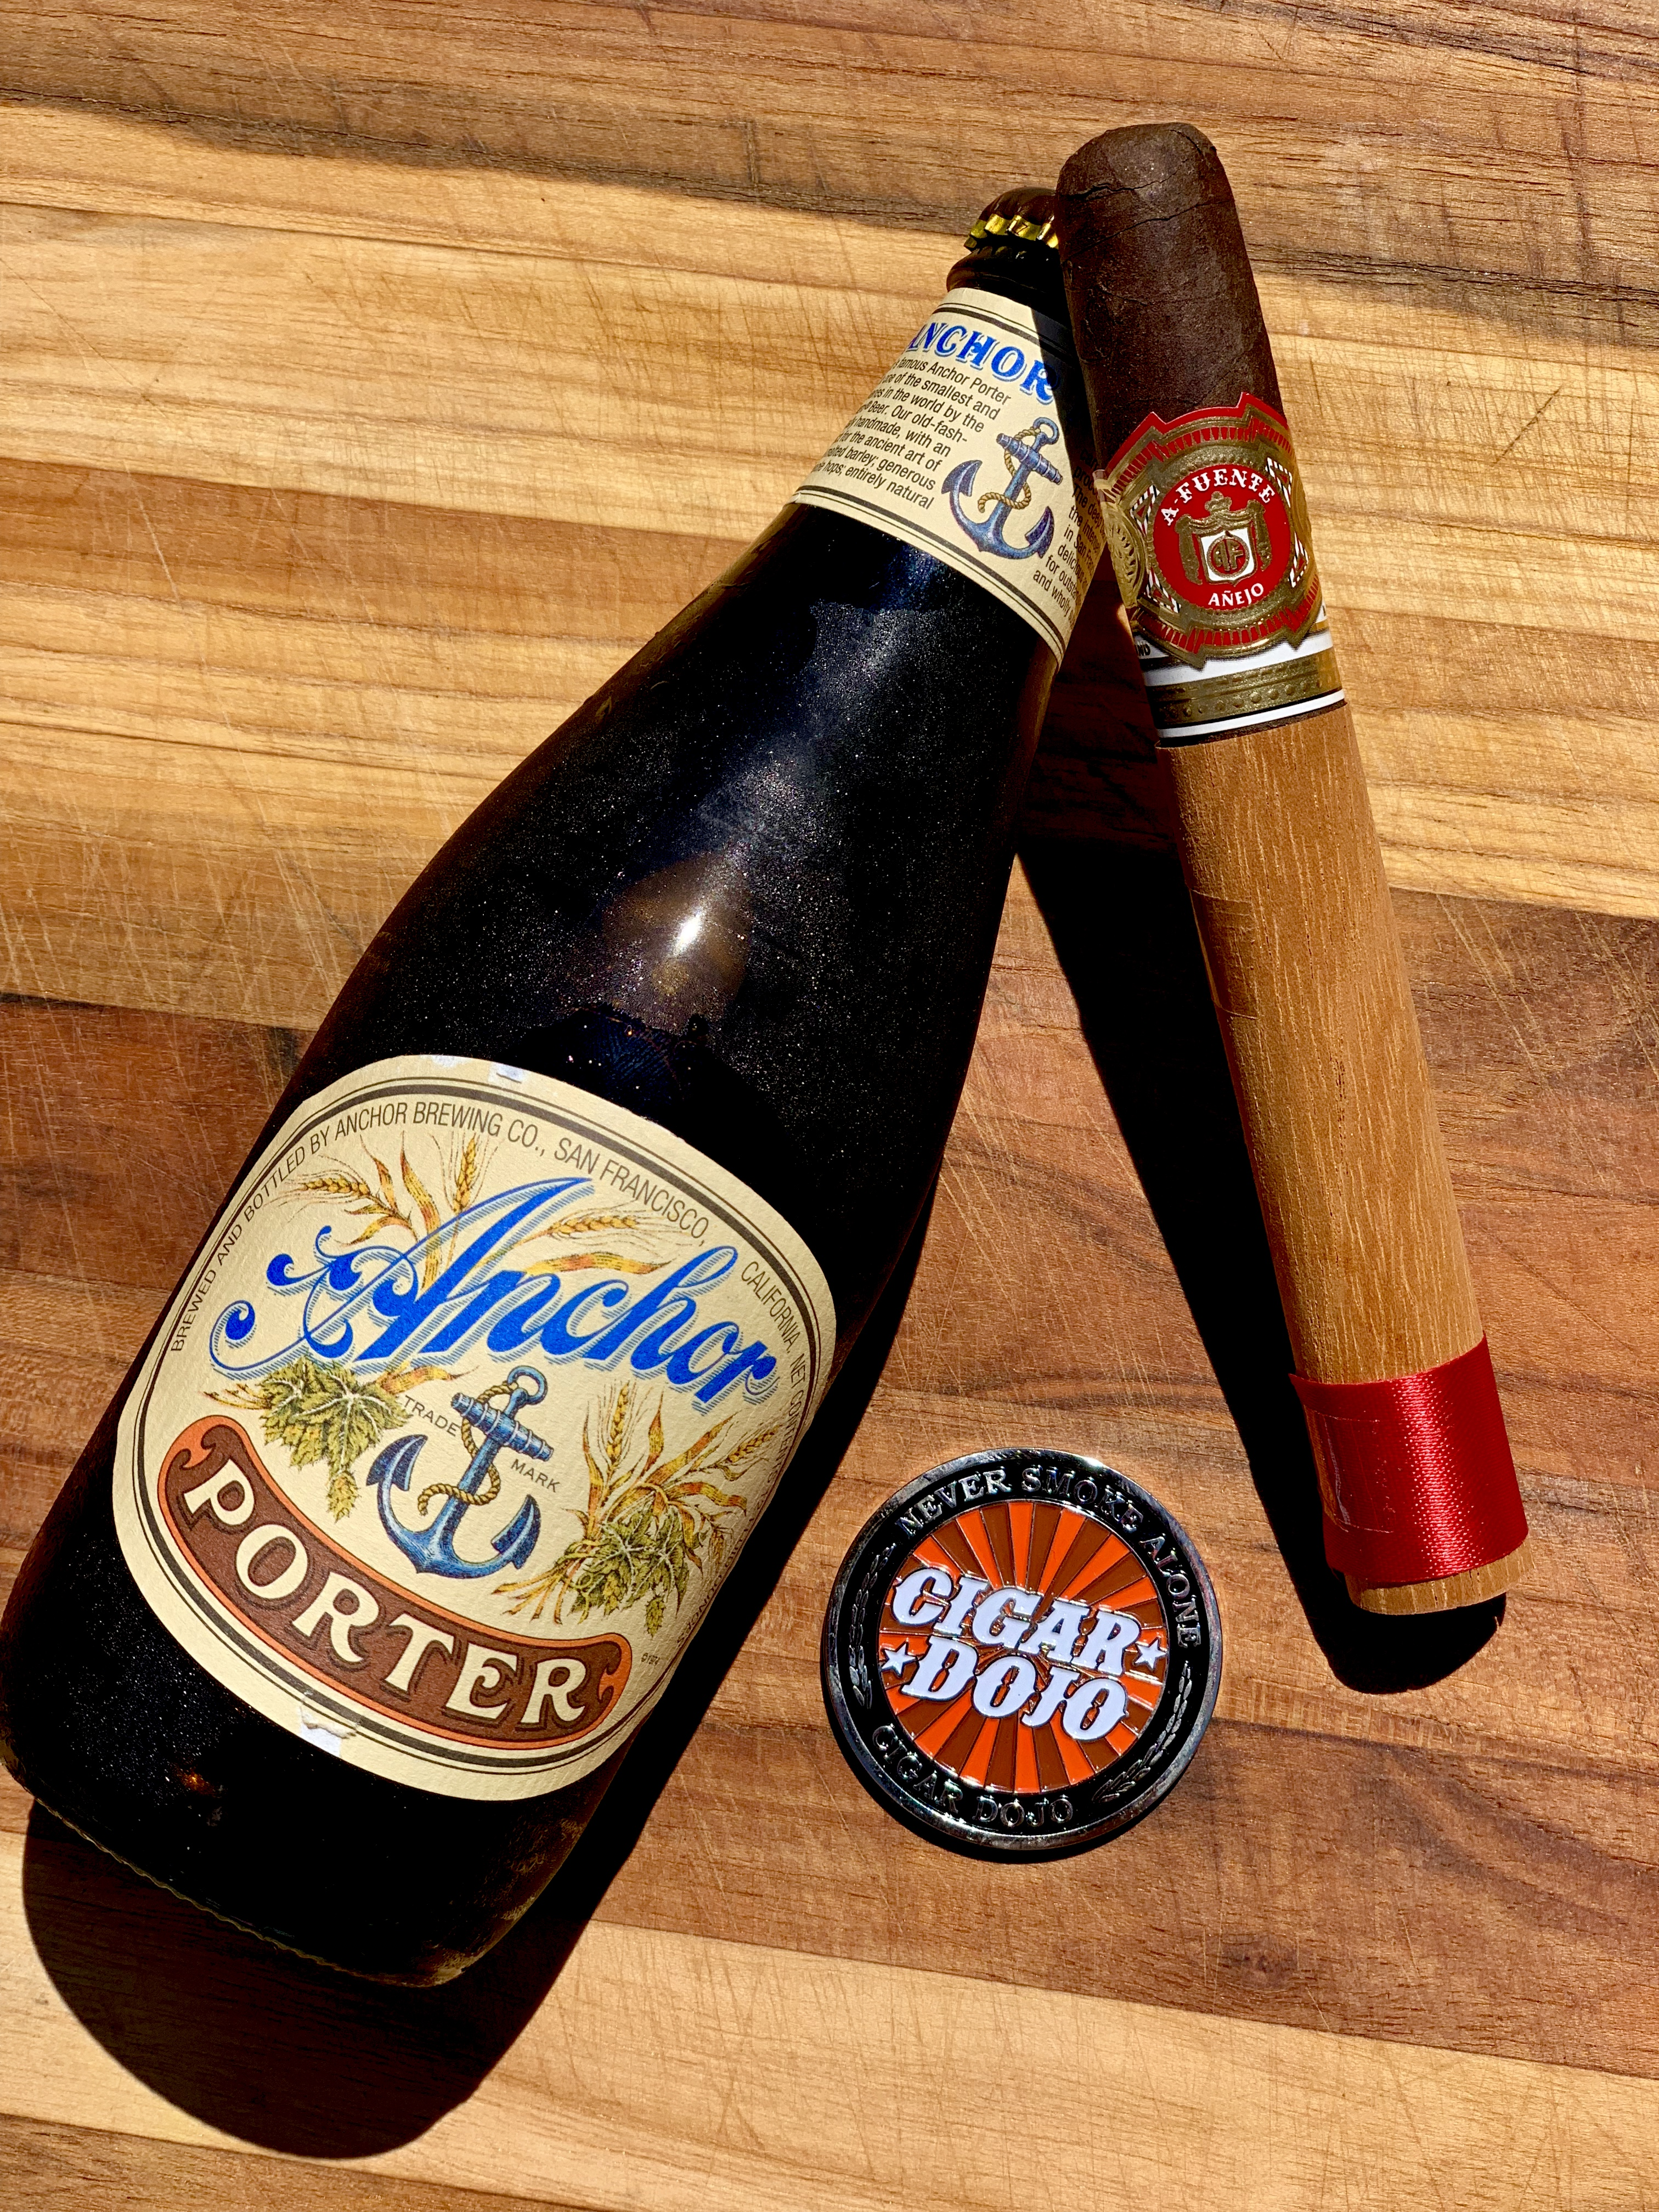 Anchor Porter Arturo Fuente Añejo cigar pairing